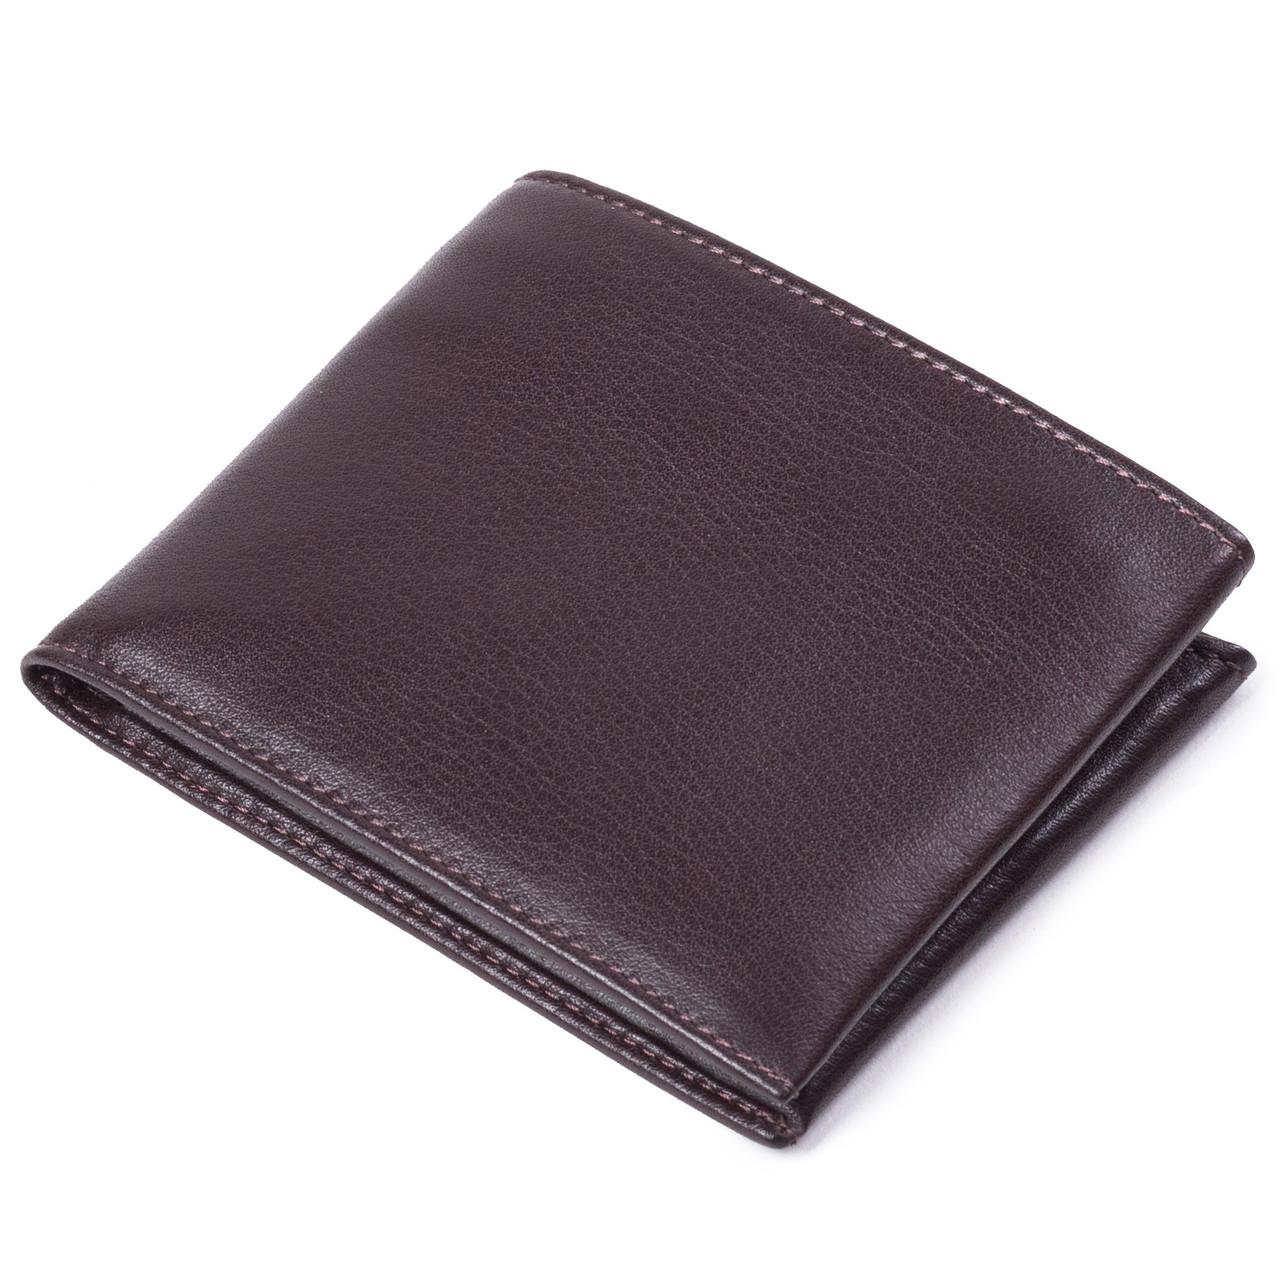 Мужской кошелек кожаный коричневый Eminsa 1028-12-3